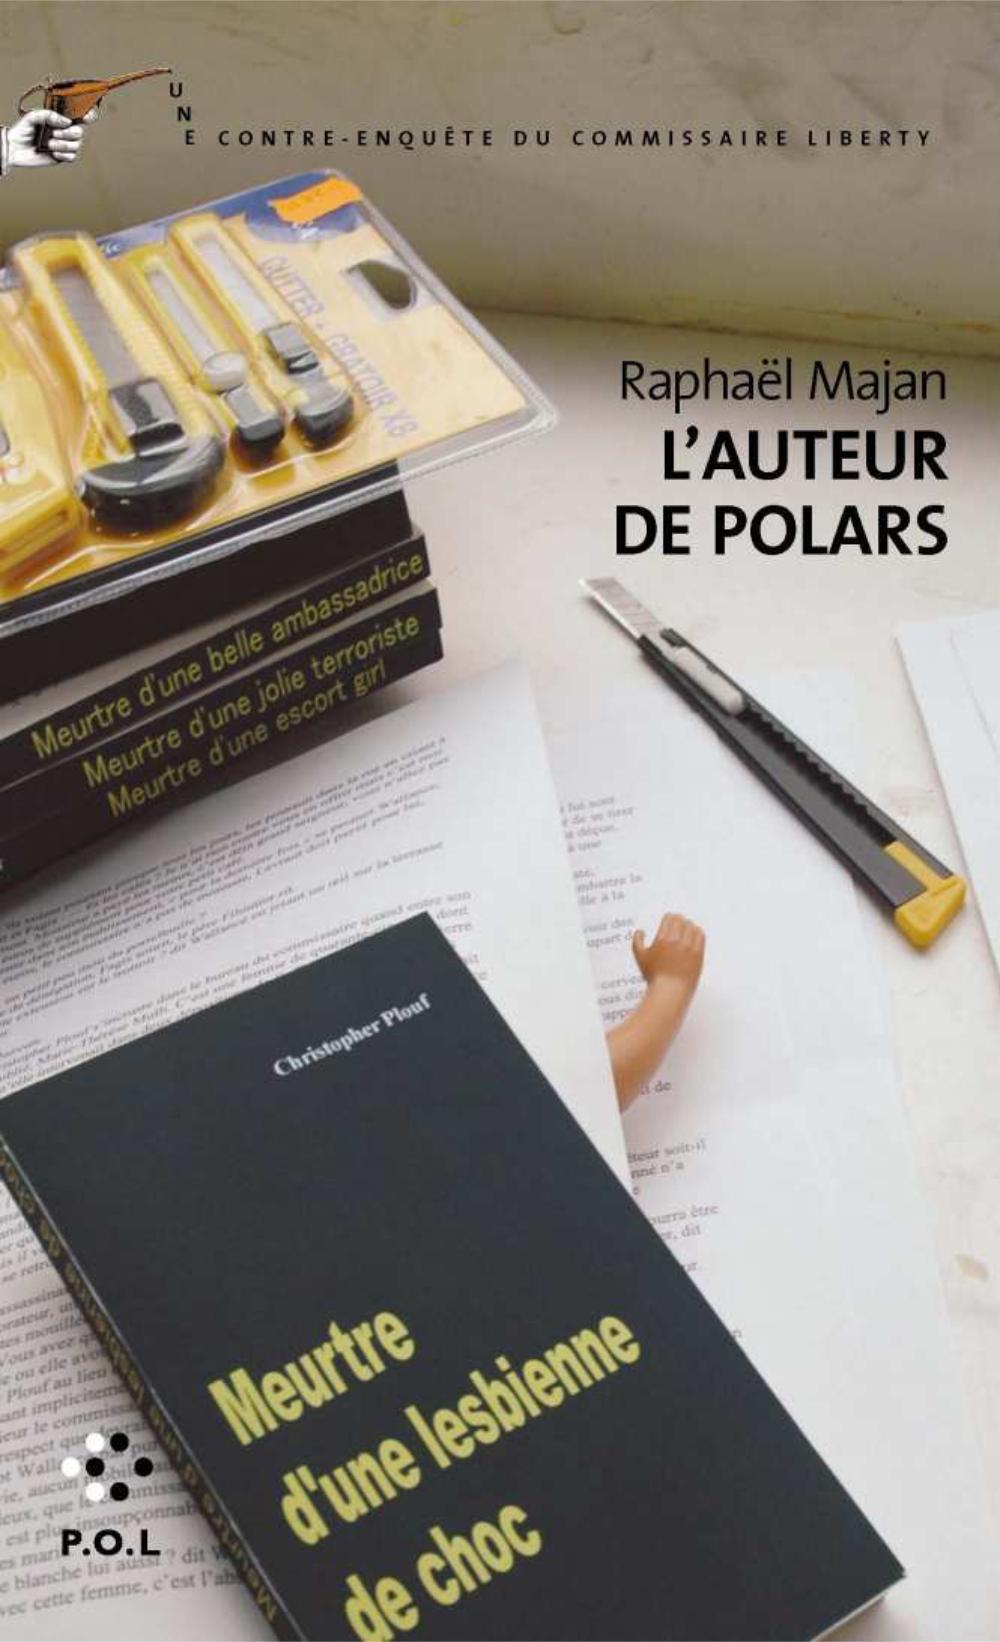 L'auteur de polars